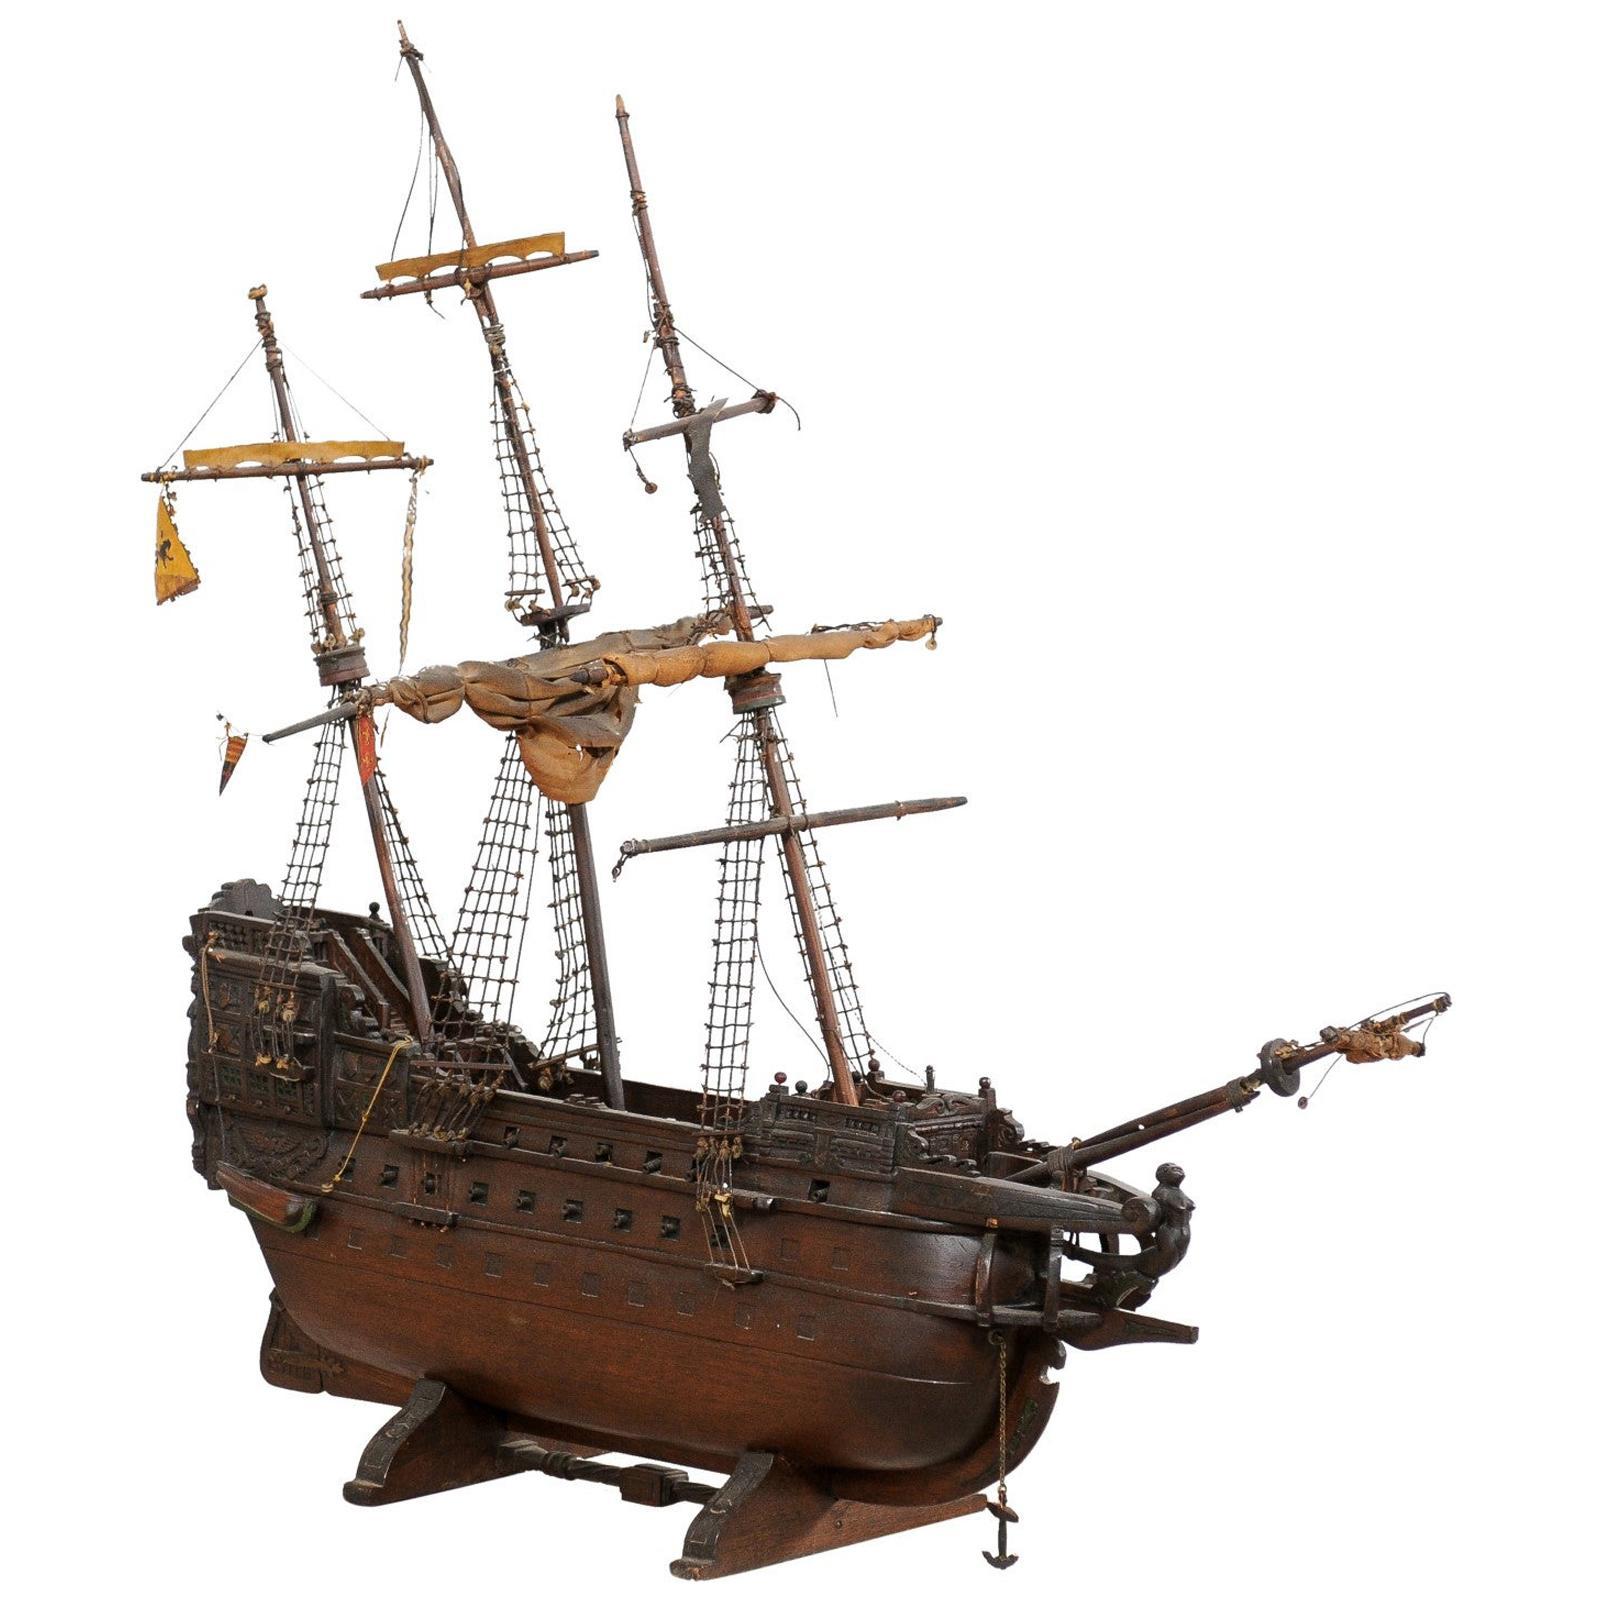 Italian Wooden Ship Model of a 15th/16th C. Galleon, Tall Ship, 3-Masat Schooner